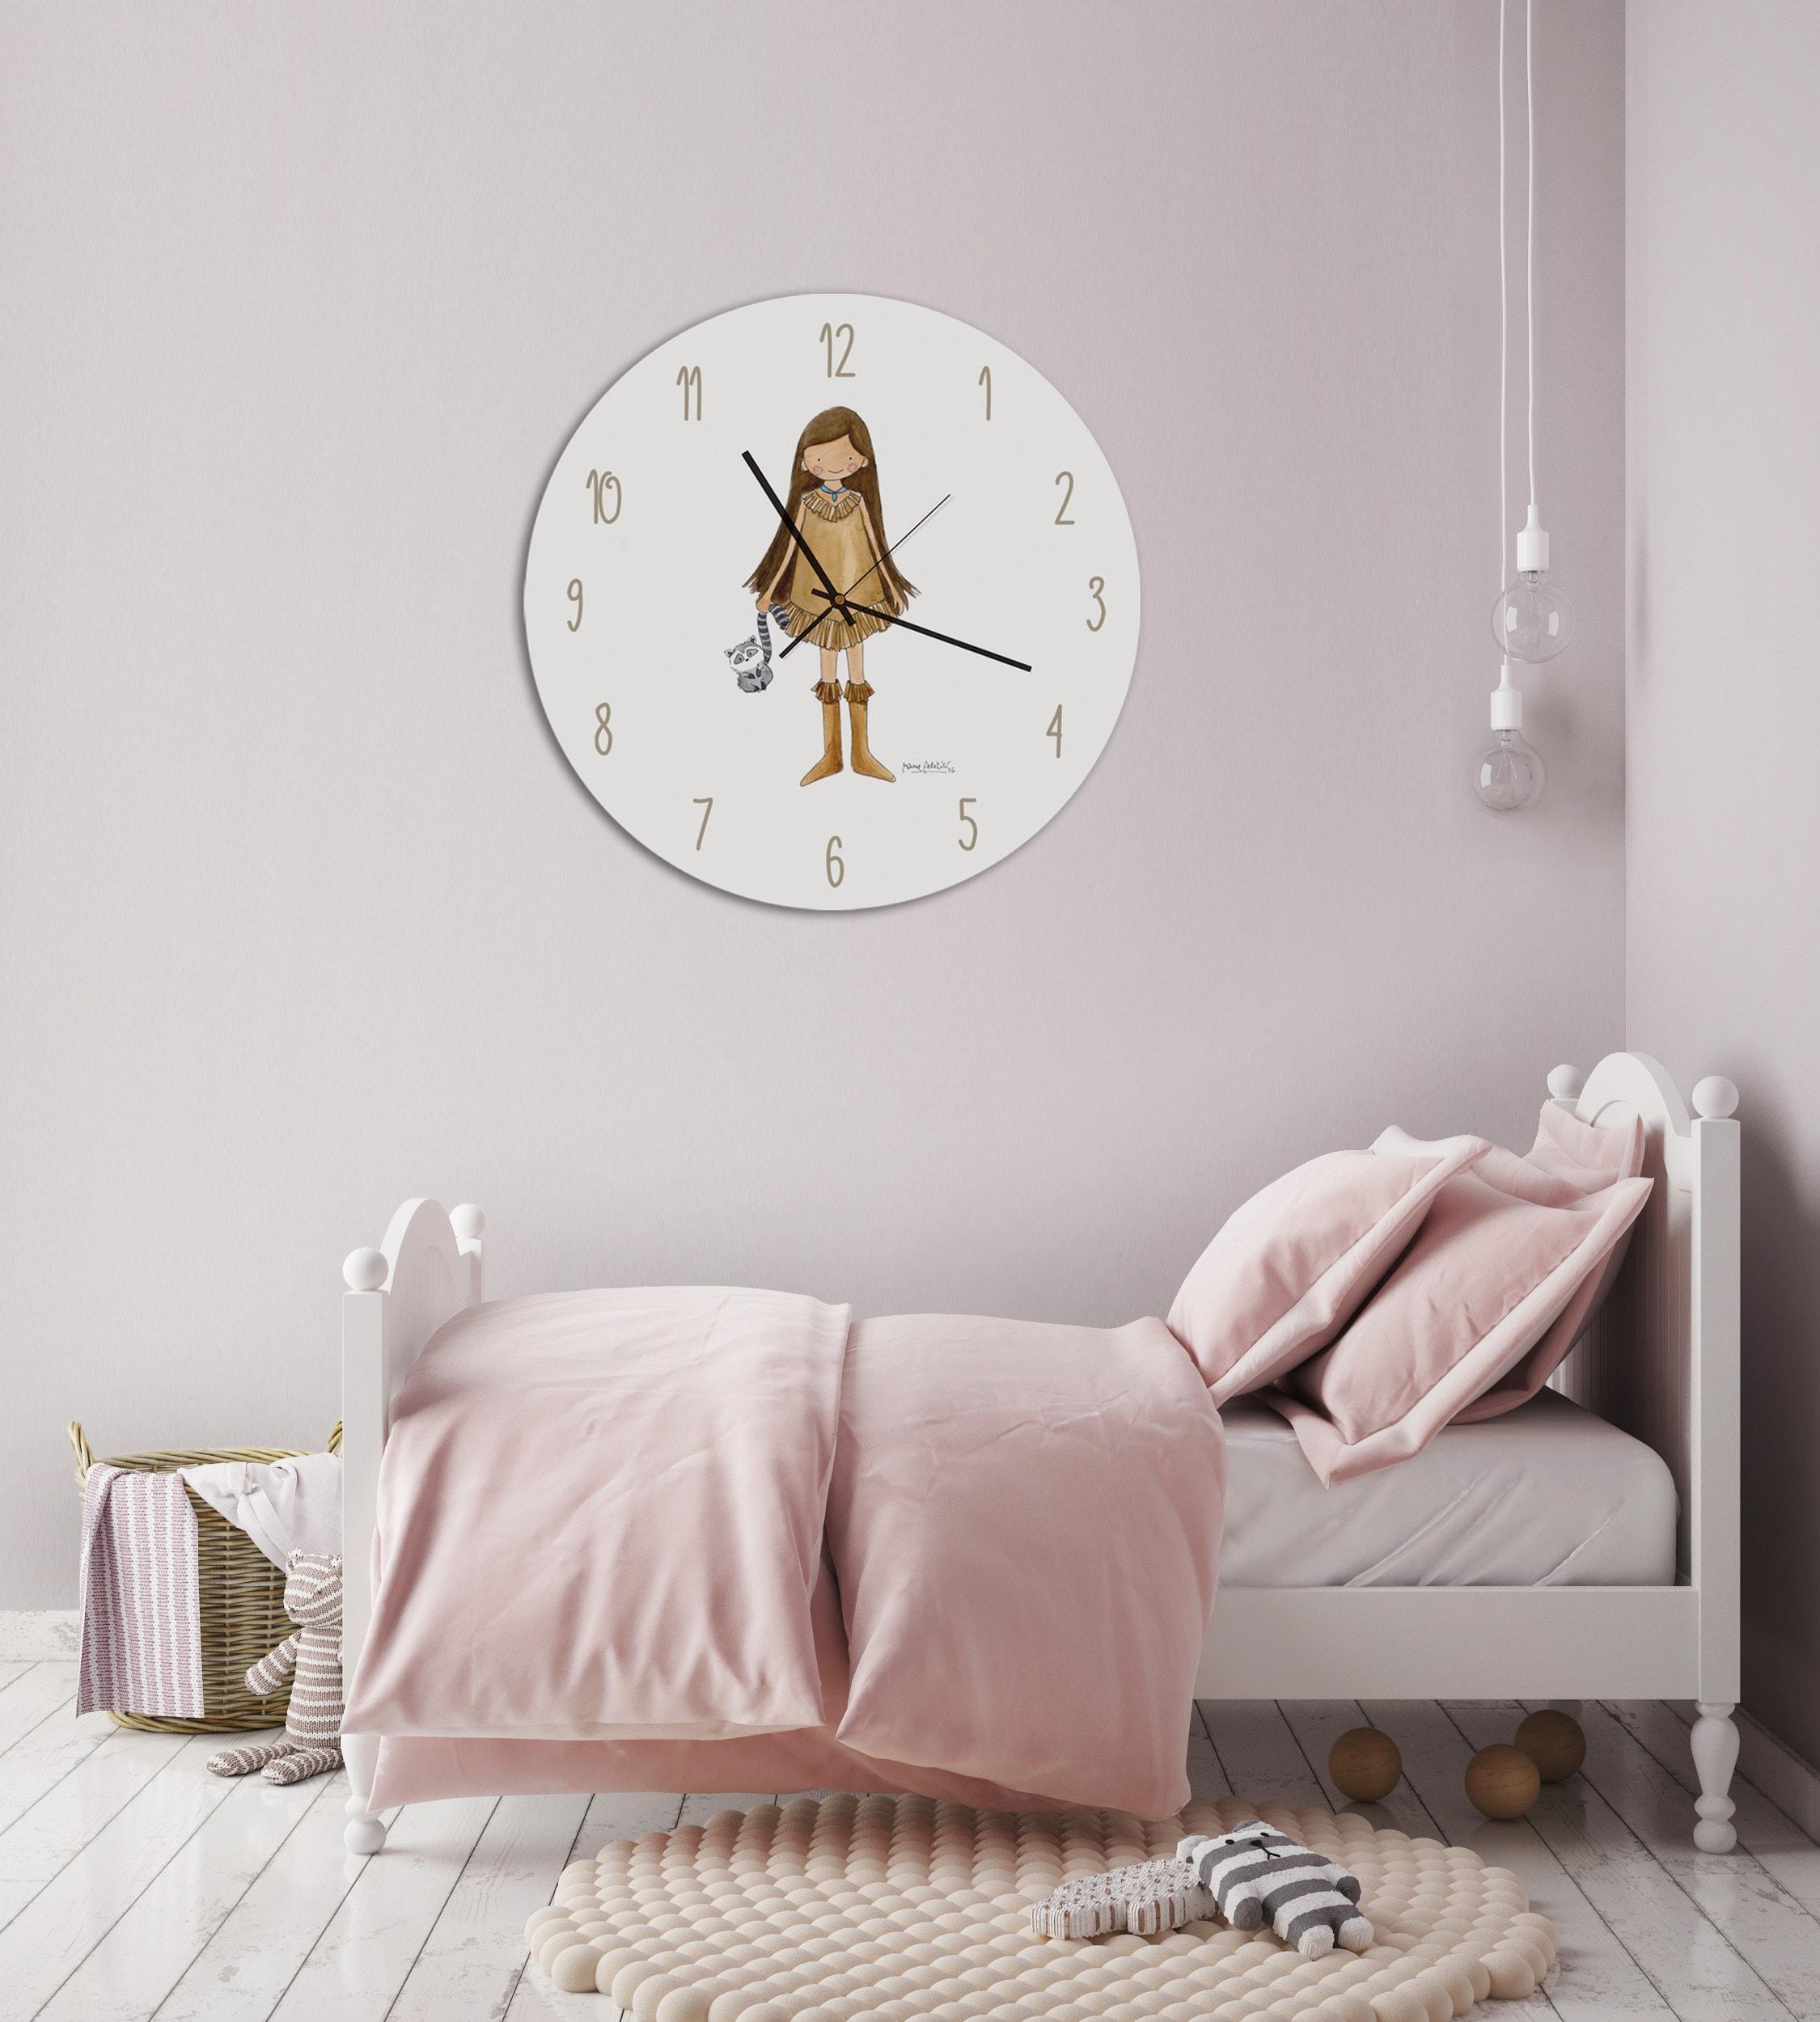 AMB SH RELOJ min - Reloj Princesas Sirenita